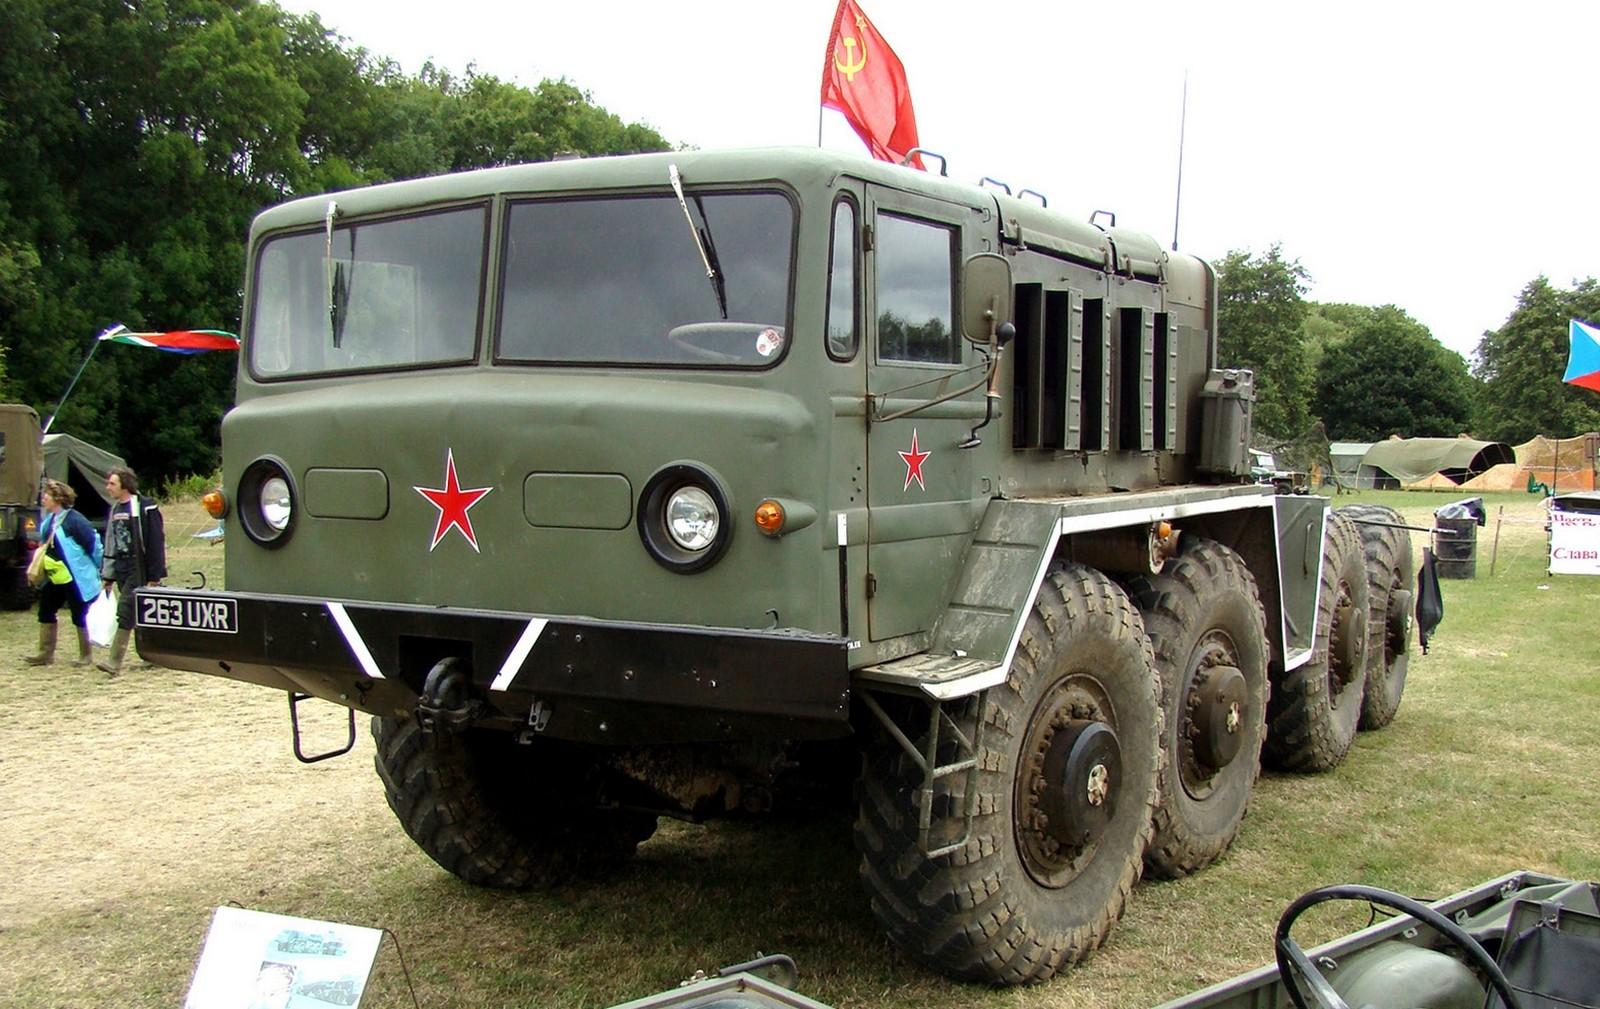 Седельный тягач серии МАЗ-537 — главная продукция Курганского завода (фото автора)